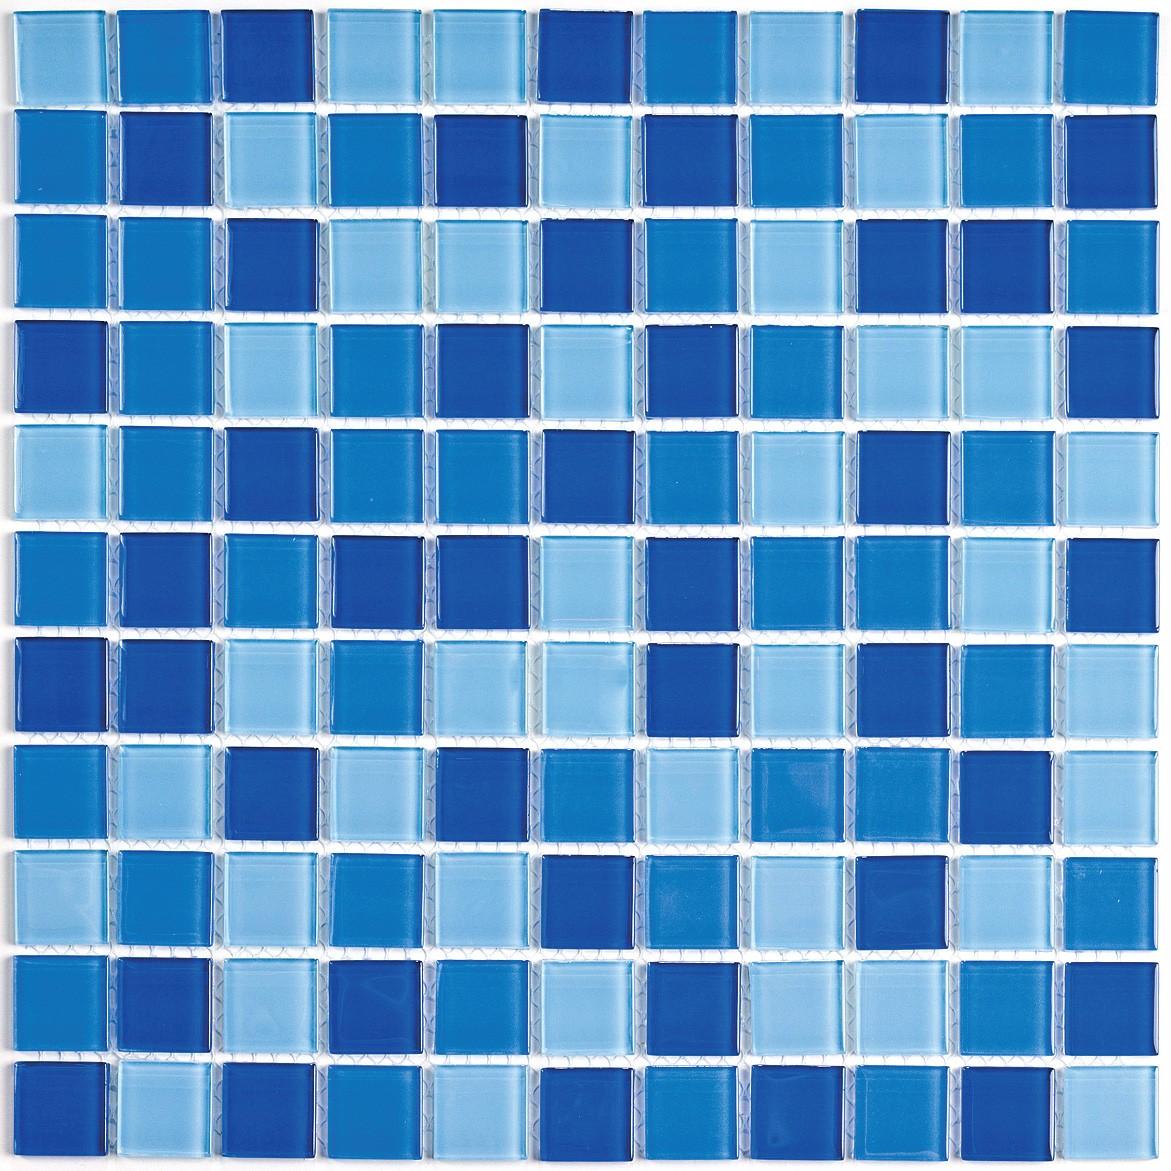 Ceramic glass tile